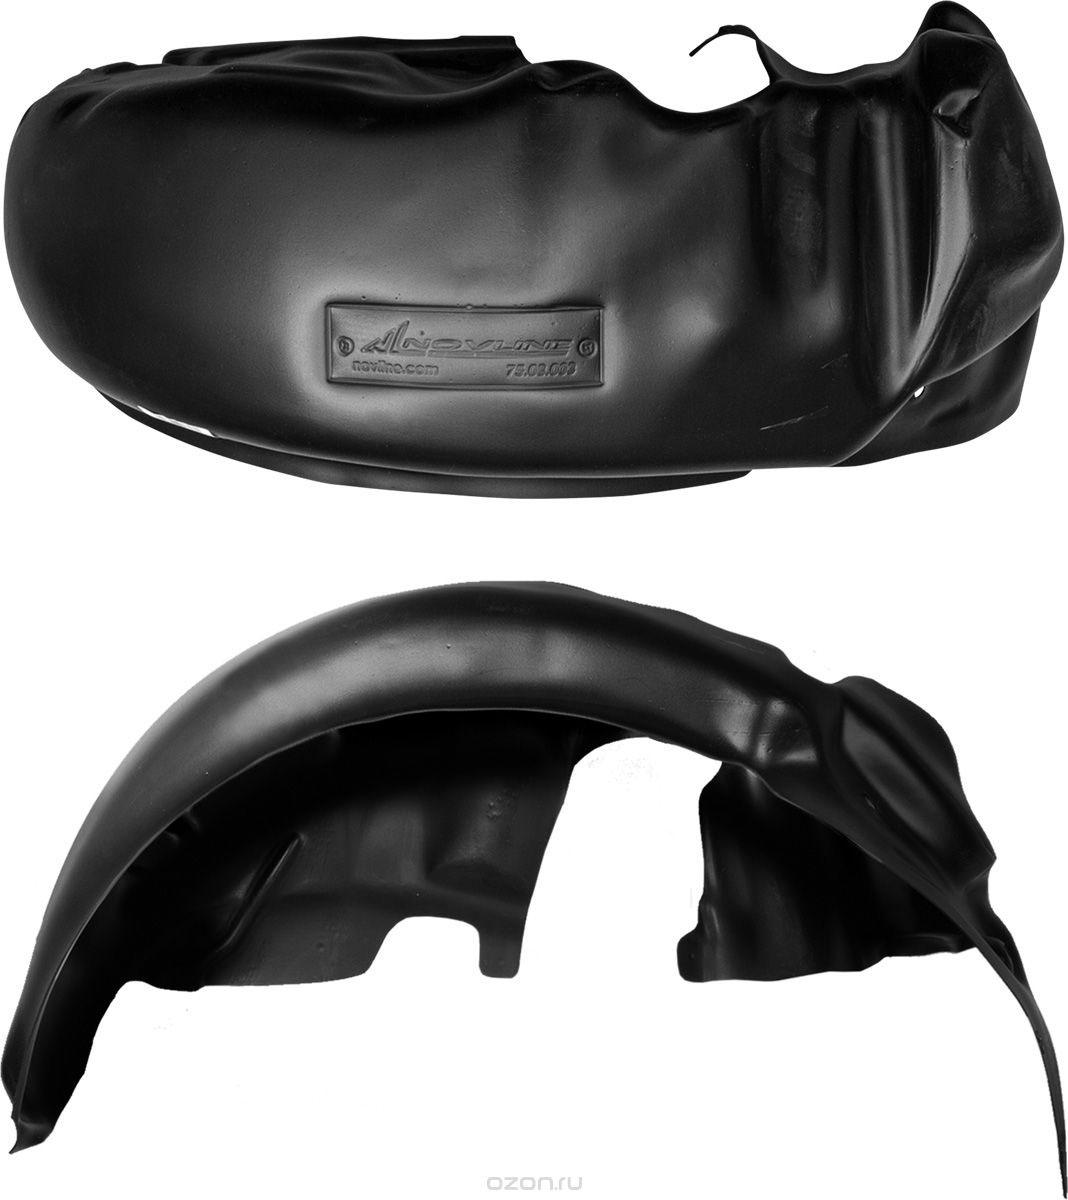 Подкрылок Novline-Autofamily, для HONDA Civic 4D, 2012->, передний левыйDW90Идеальная защита колесной ниши. Локеры разработаны с применением цифровых технологий, гарантируют максимальную повторяемость поверхности арки. Изделия устанавливаются без нарушения лакокрасочного покрытия автомобиля, каждый подкрылок комплектуется крепежом. Уважаемые клиенты, обращаем ваше внимание, что фотографии на подкрылки универсальные и не отражают реальную форму изделия. При этом само изделие идет точно под размер указанного автомобиля.